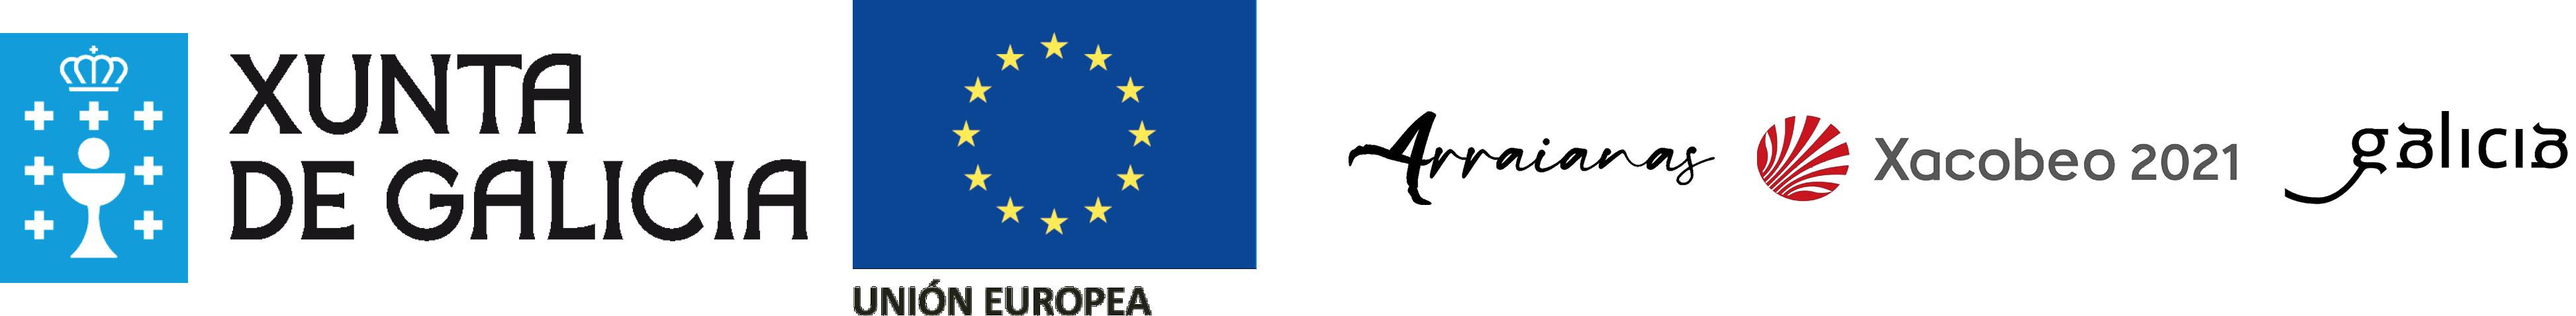 Promoción de actuacións de servizos sociais comunitarios e inclusión social 2020, 2021 e 2022